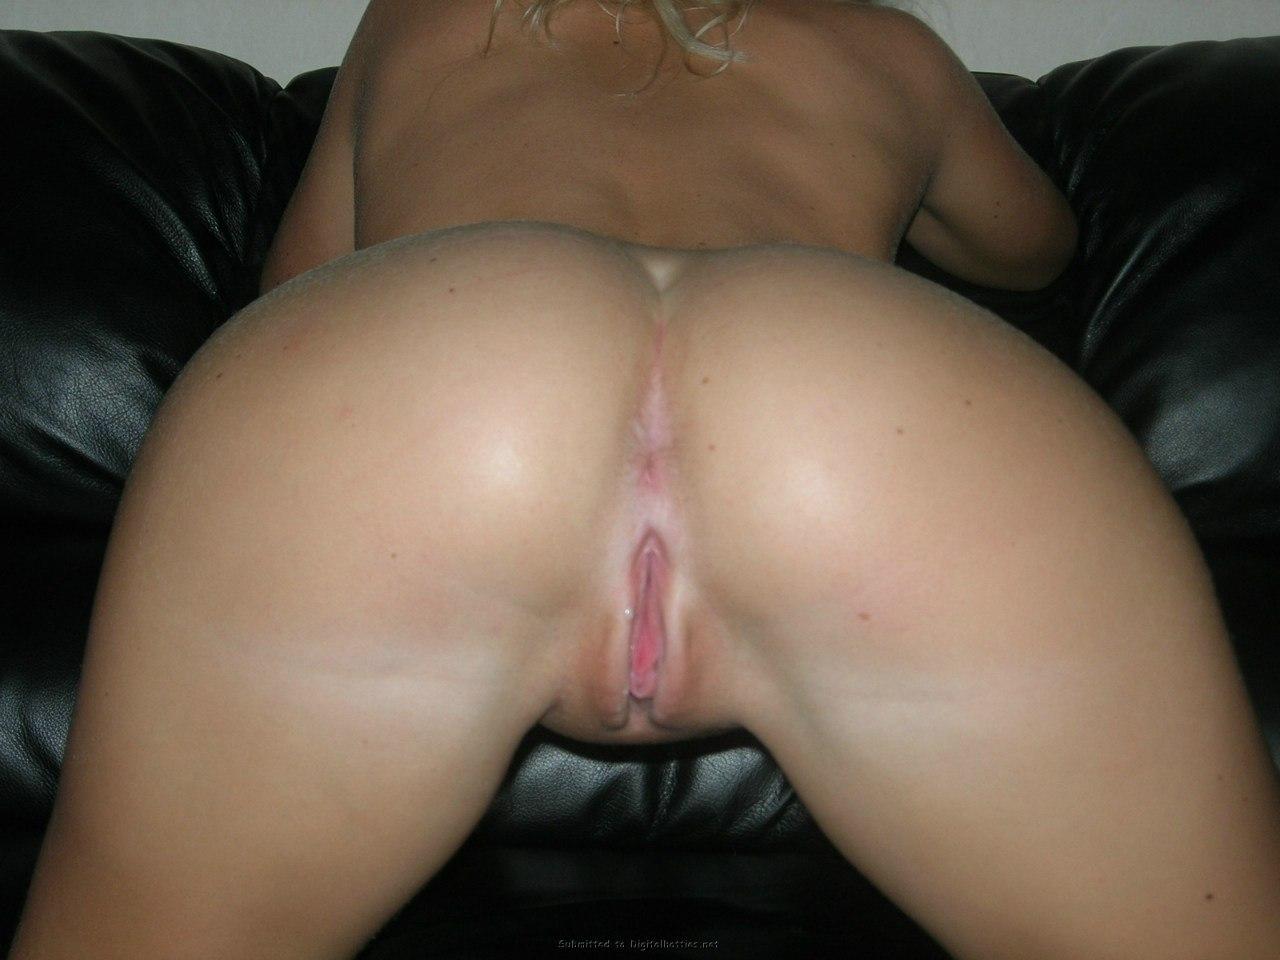 Гламурная блондинка примеряет разные трусики и позирует голая секс фото и порно фото